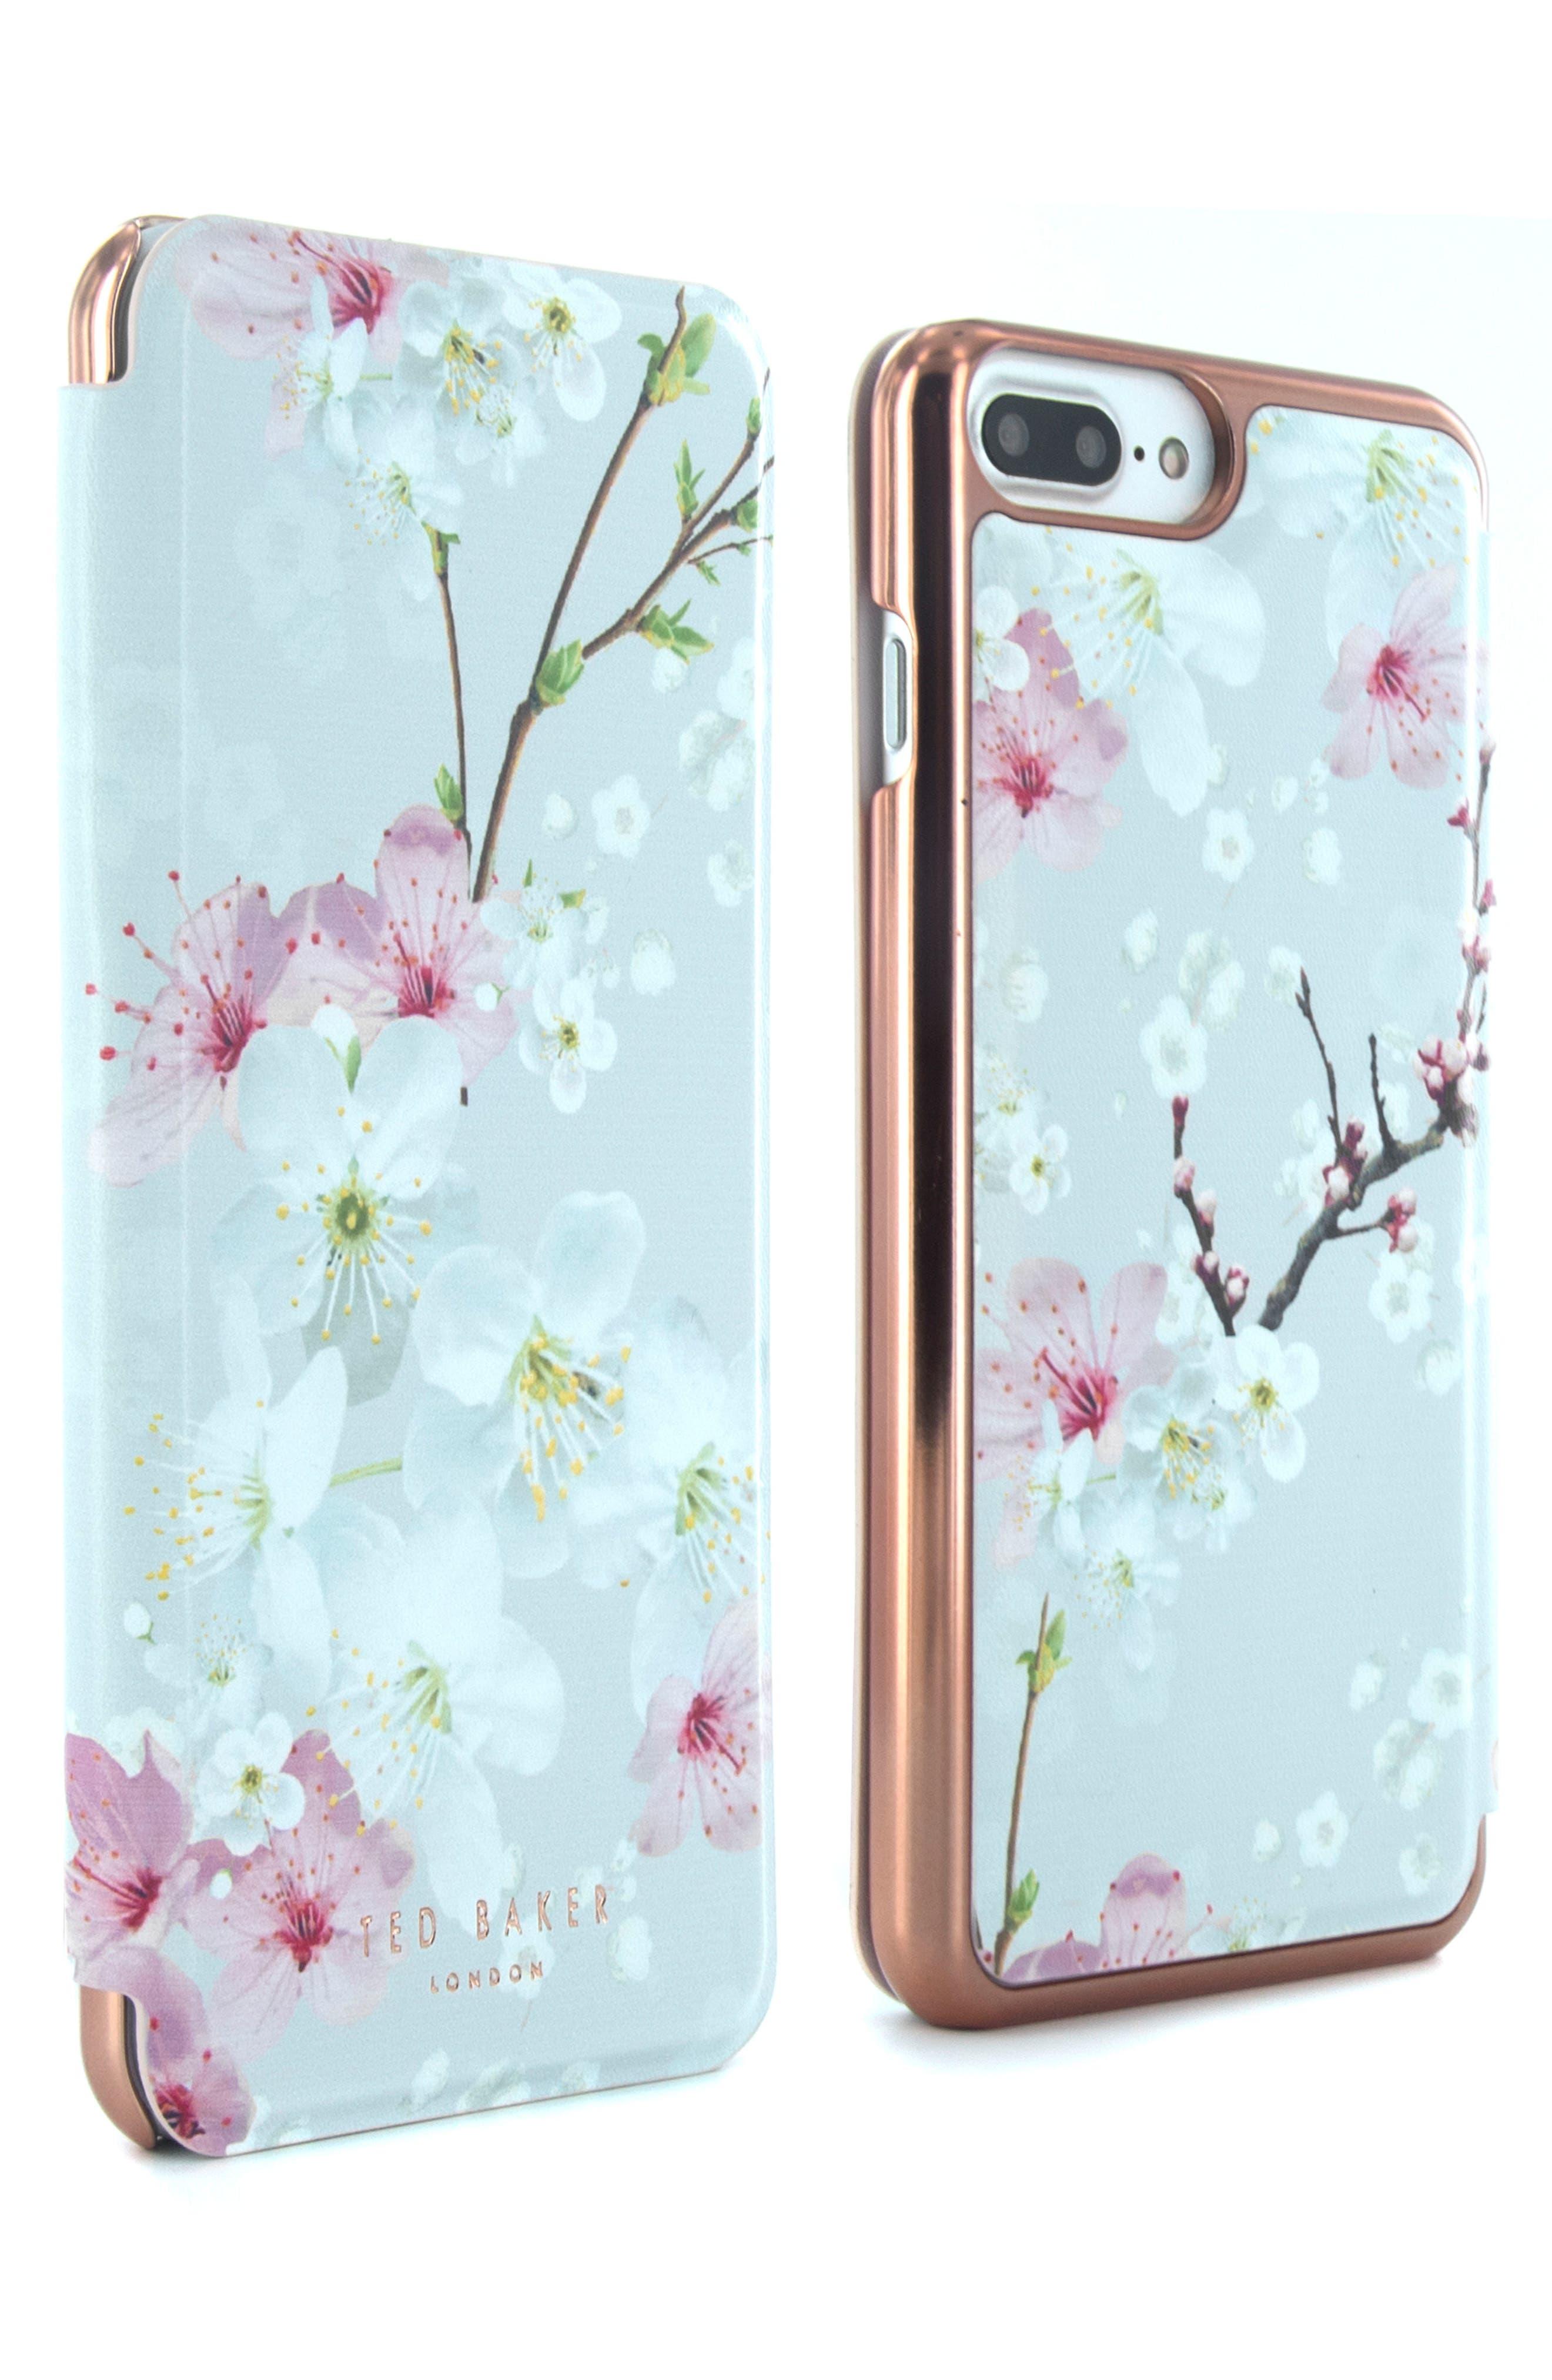 Mirror iPhone 6/6s/7/8 Plus Folio Case,                         Main,                         color, Multi